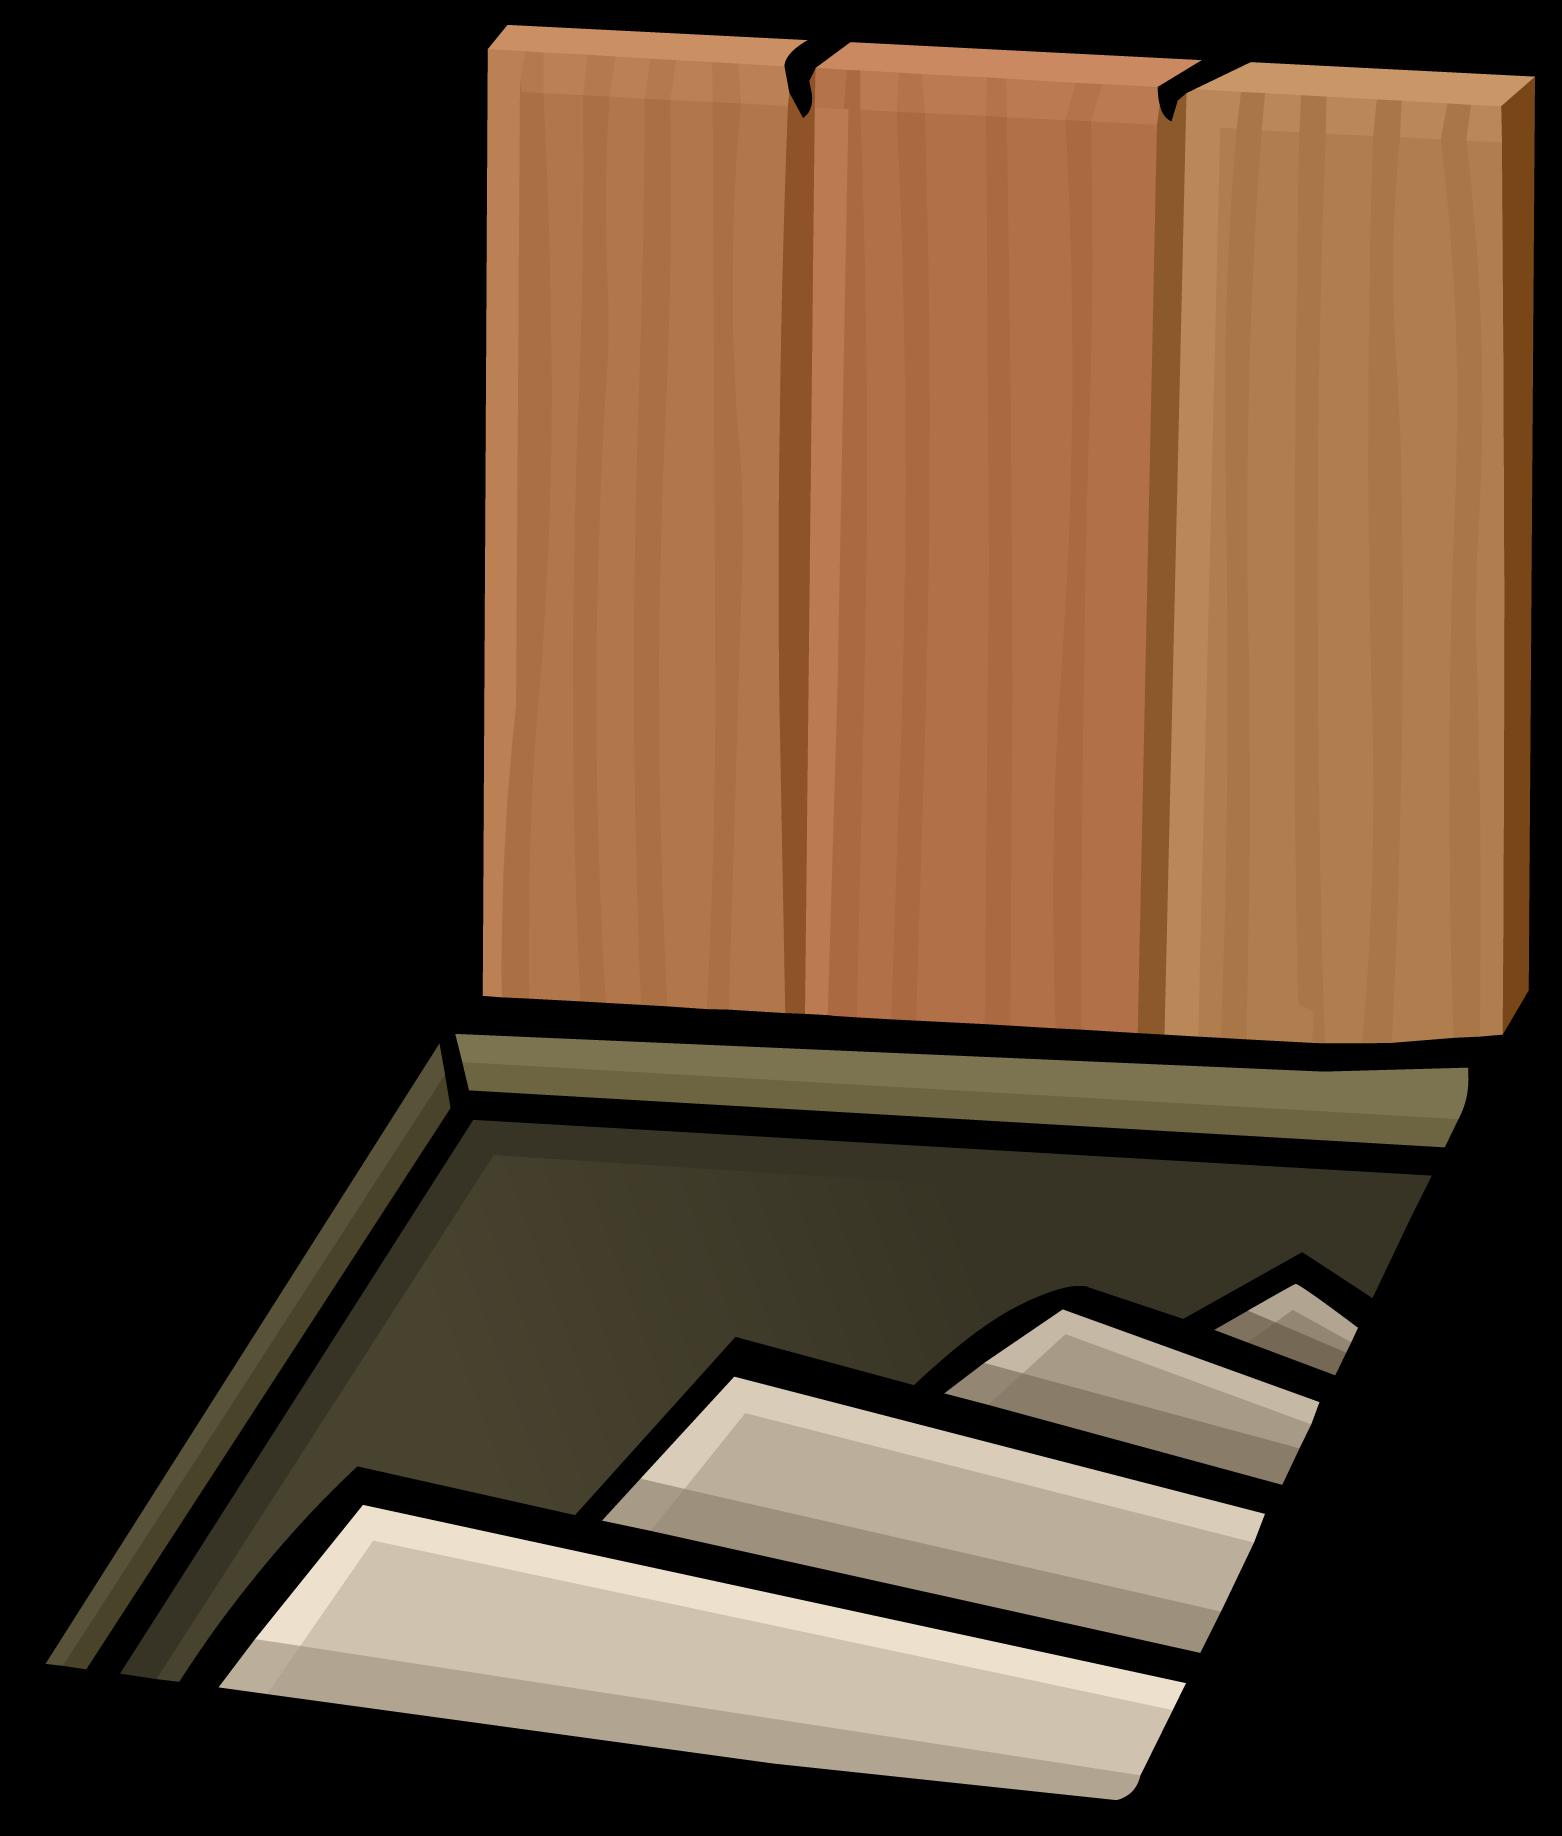 Image trap open png. Clipart door opening door